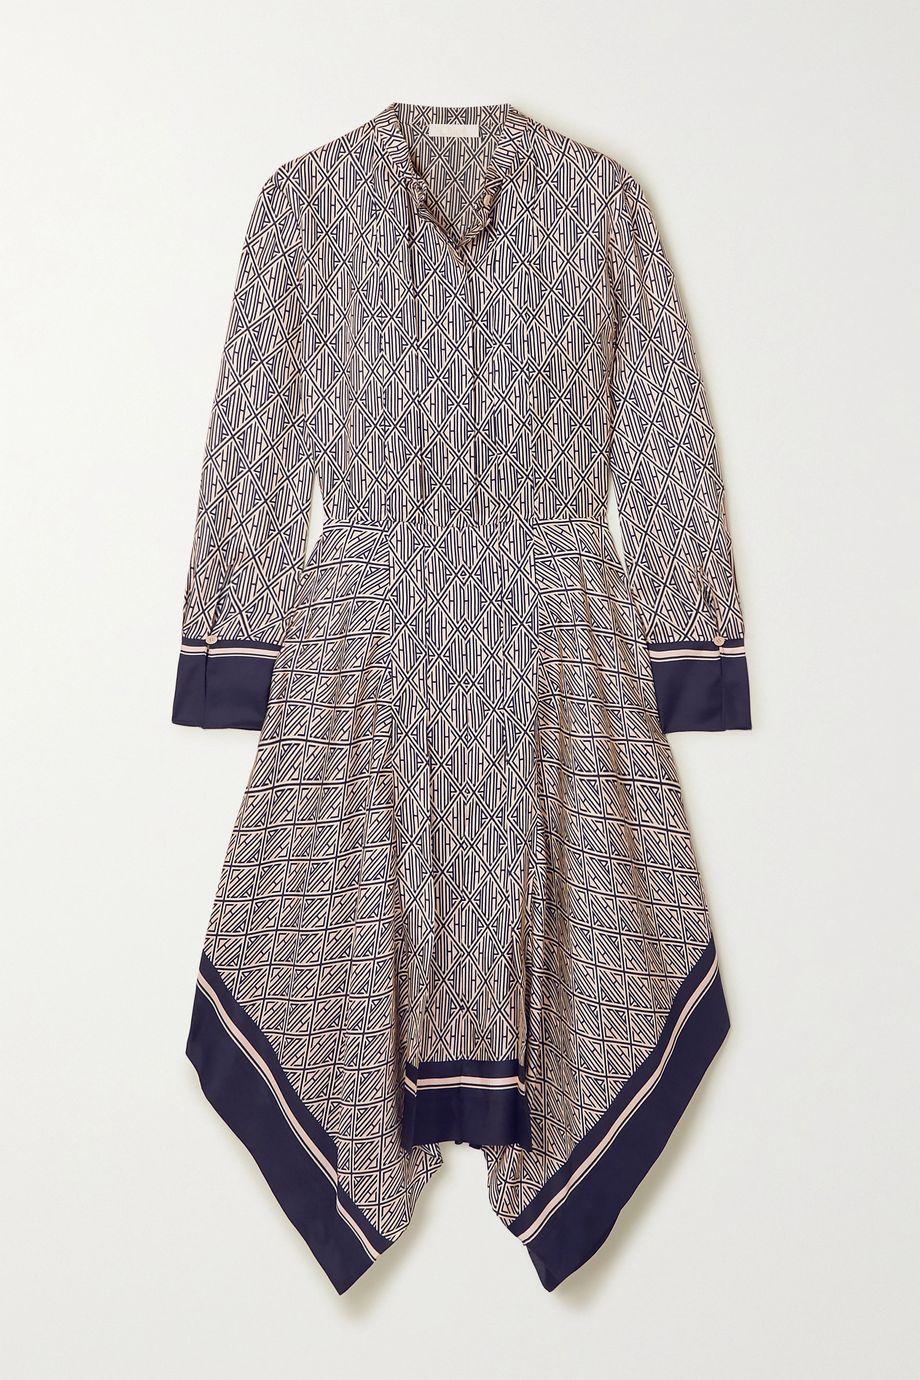 Chloé Robe midi asymétrique en serge de soie imprimée